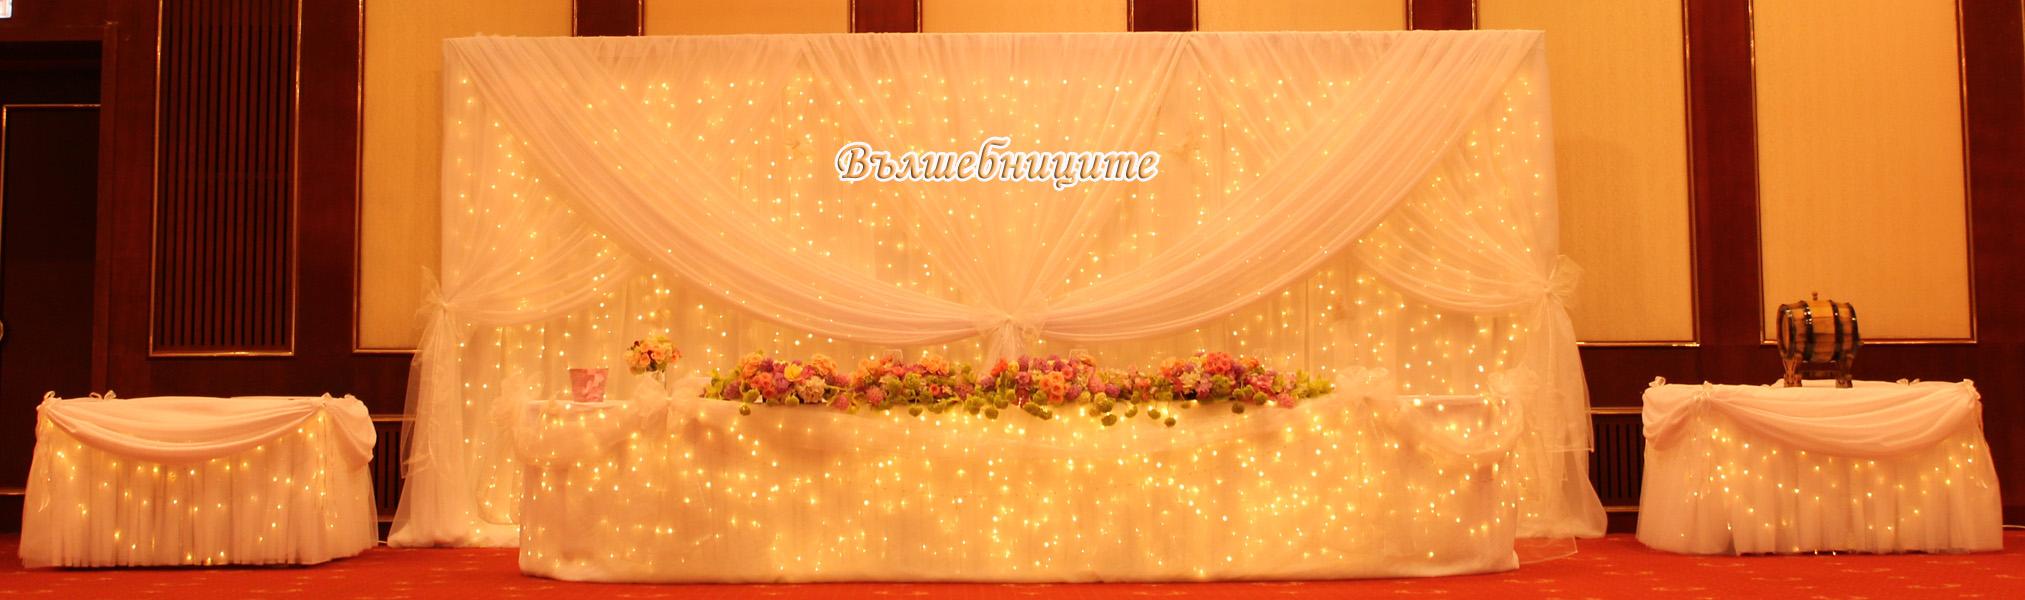 Украса за сватба в София хотел Маринела Hotel Marinela Sofia wedding в бяло декорация на сватба